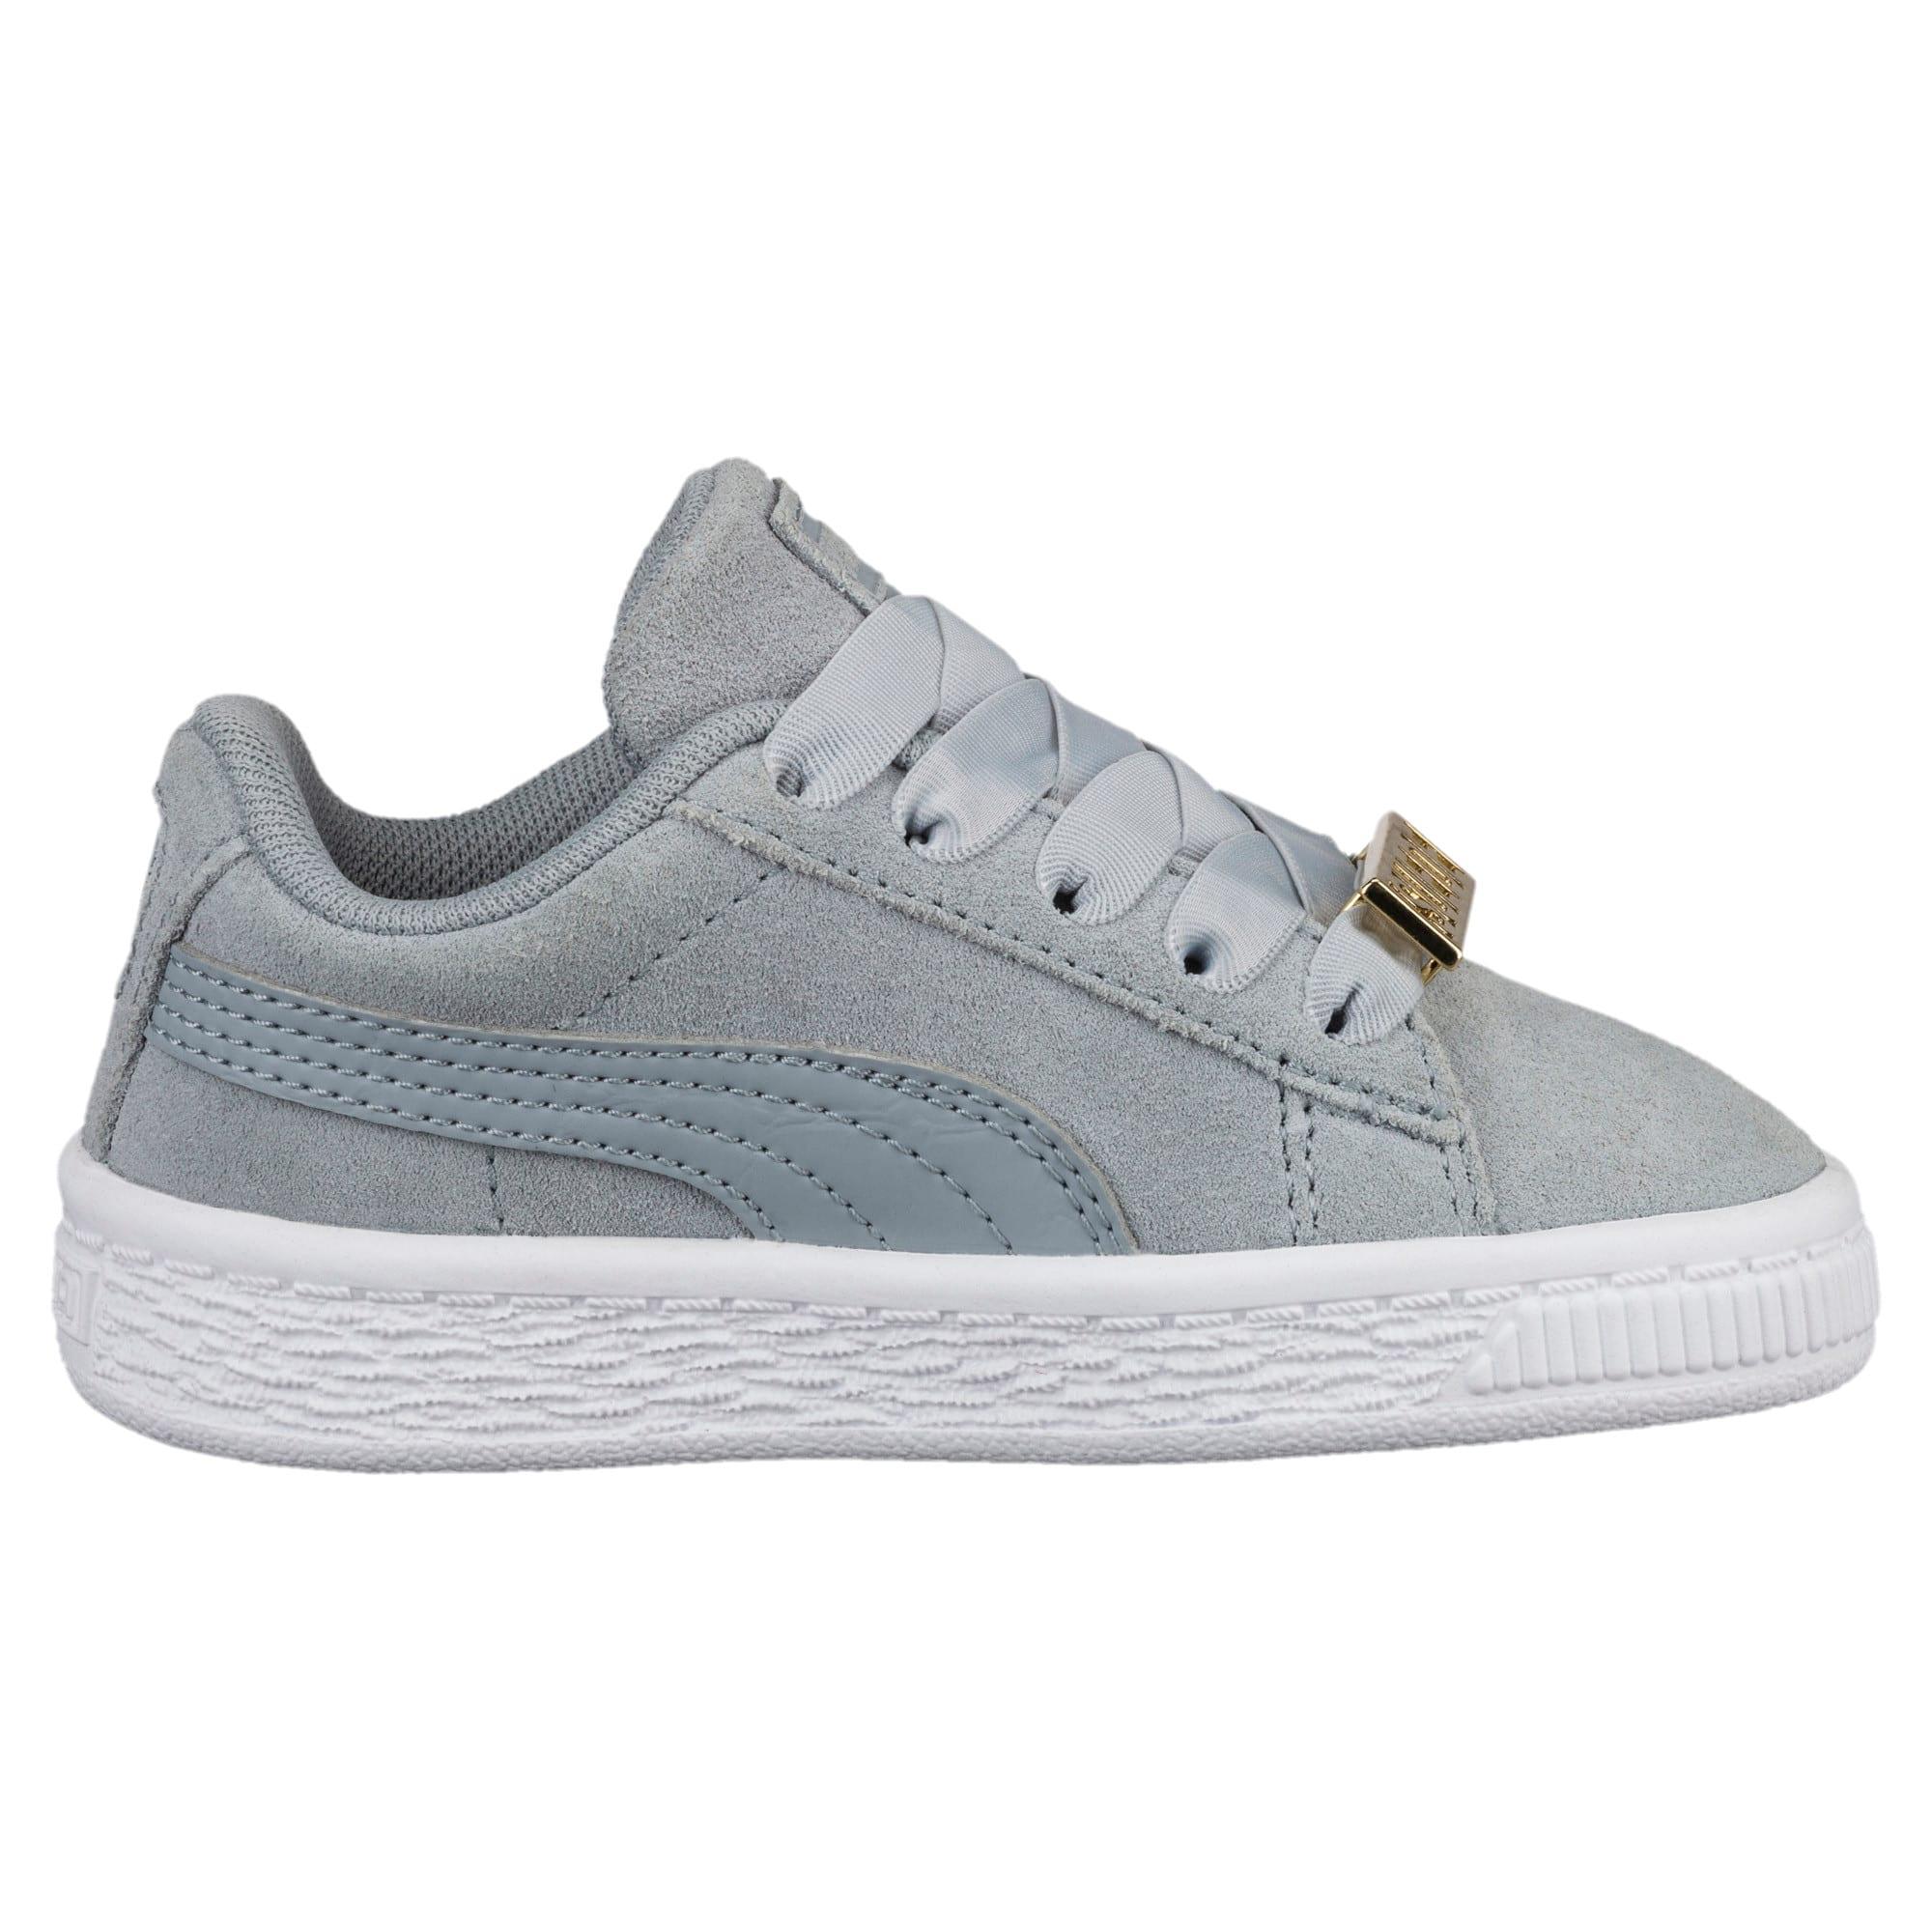 Miniatura 3 de Zapatos Suede Classic B-BOY Fabulous para bebé, Quarry-Quarry, mediano